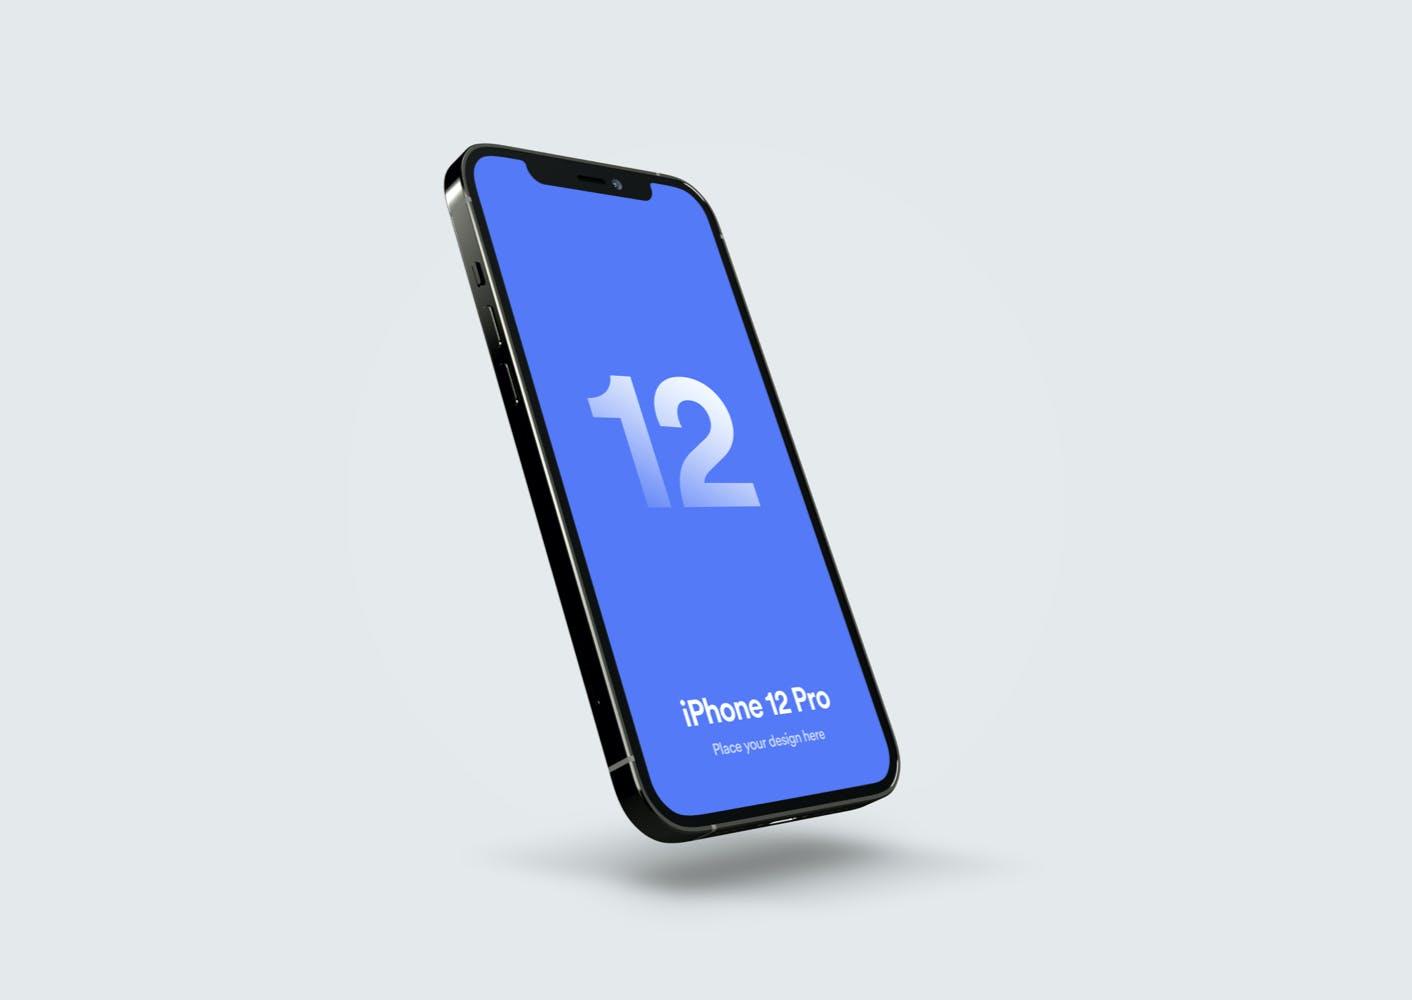 移动应用程序设计苹果iPhone 12 Pro屏幕演示样机 iPhone 12 Pro Mockup – Vol 02插图2